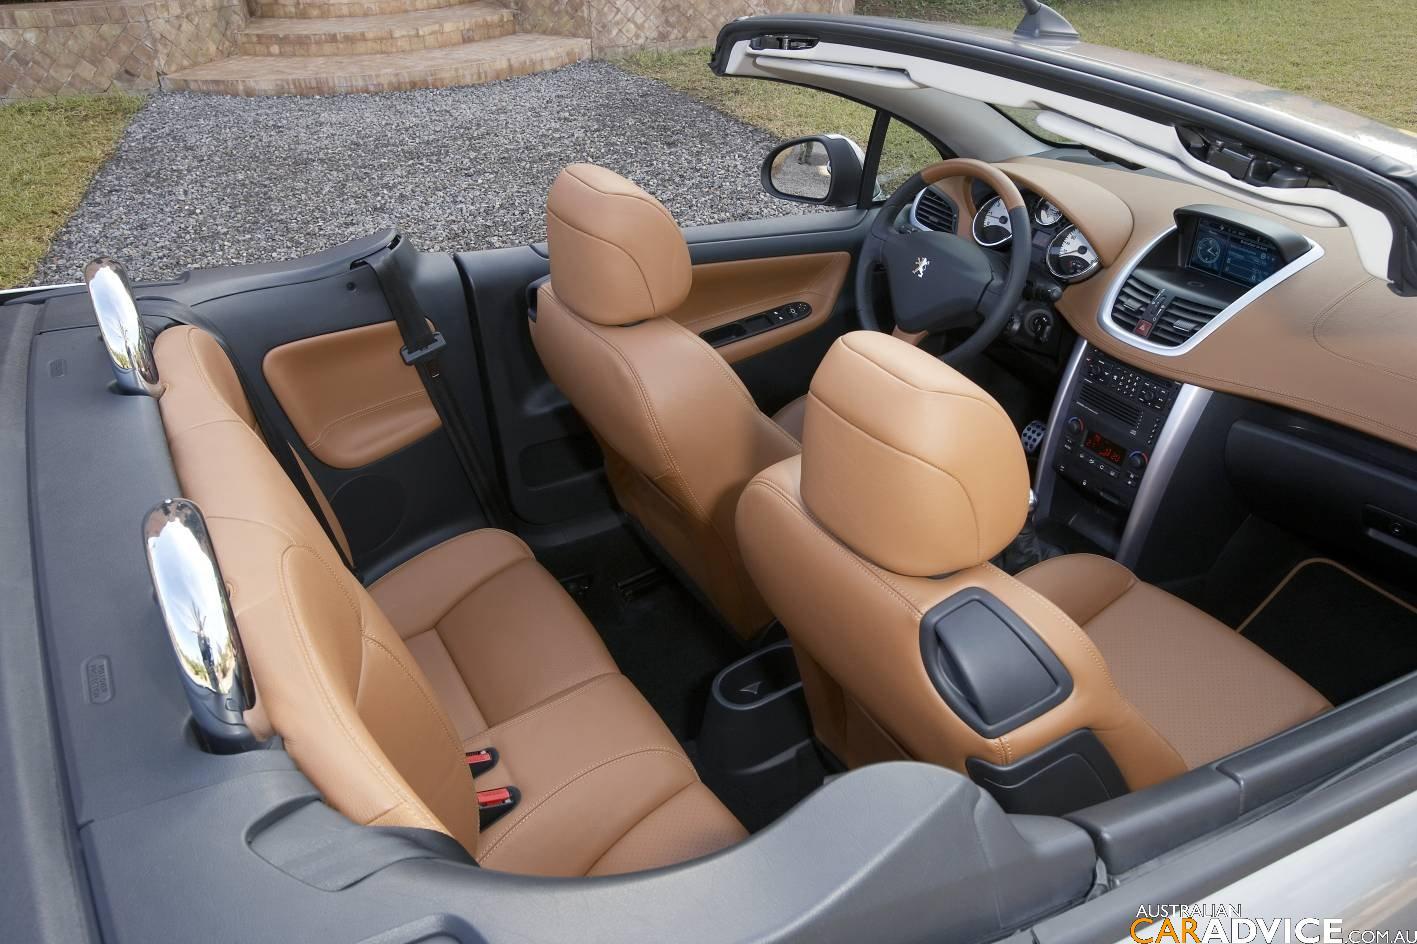 Peugeot 207 voitures spécifications techniques et la consommation de ...